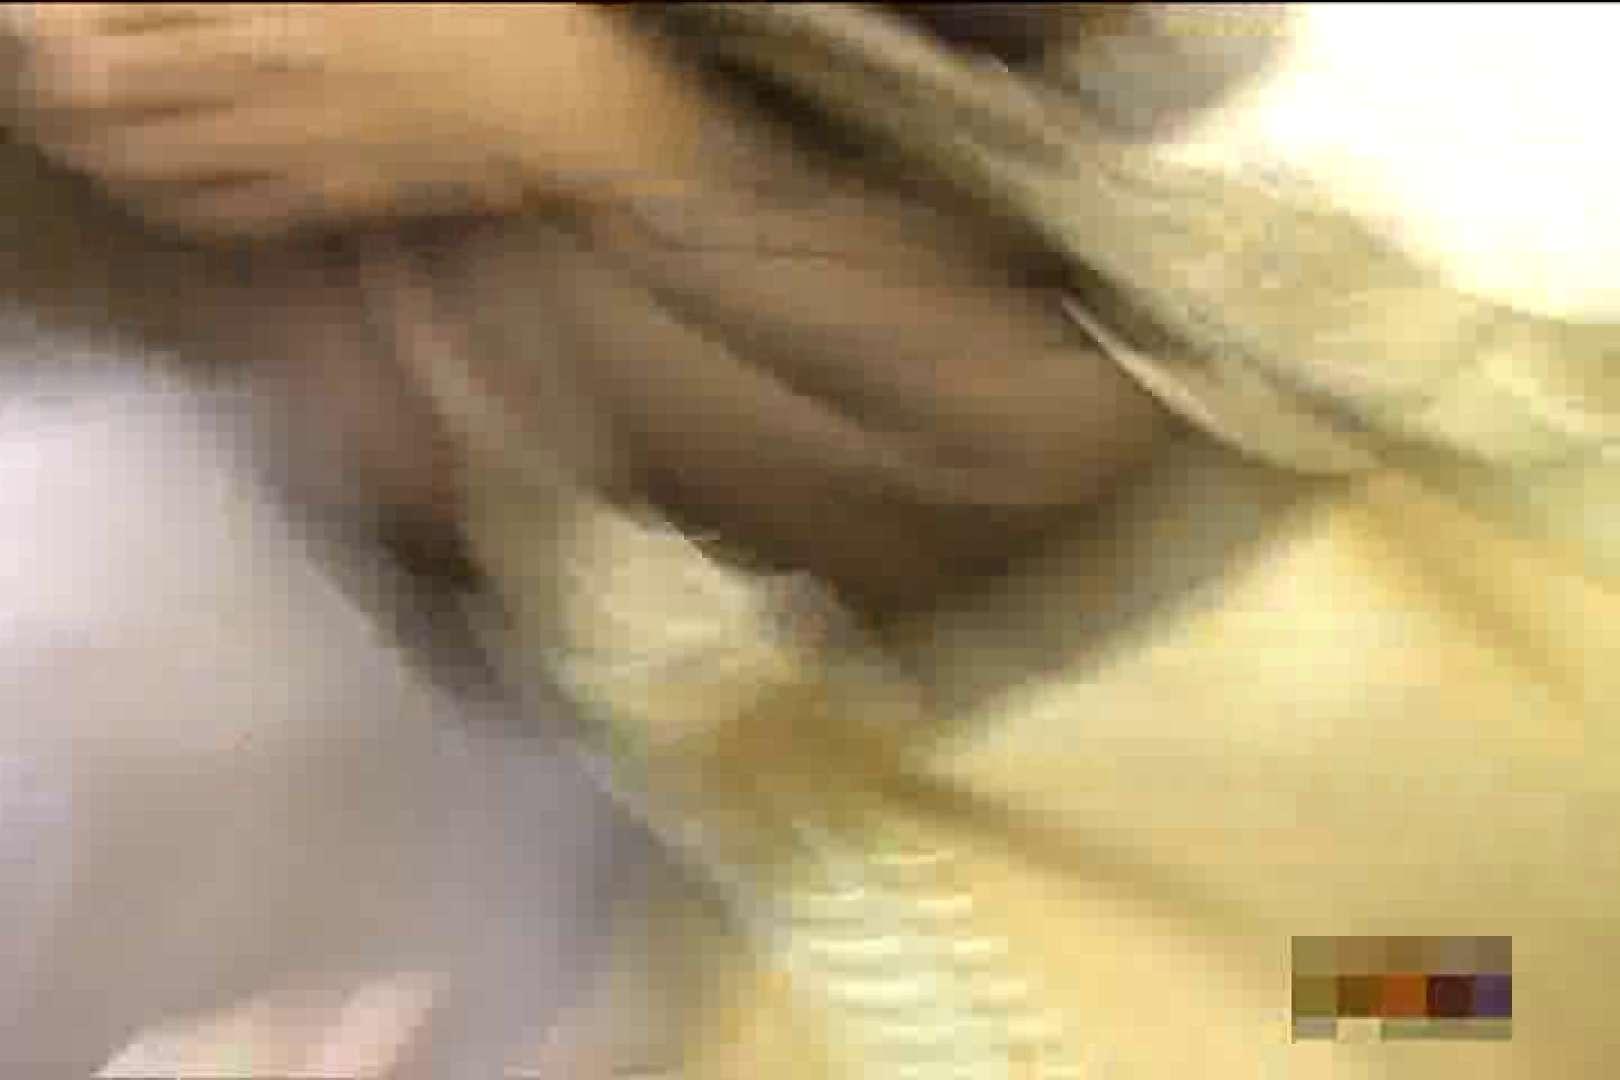 大胆露出胸チラギャル大量発生中!!Vol.4 現役ギャル おまんこ無修正動画無料 84pic 32